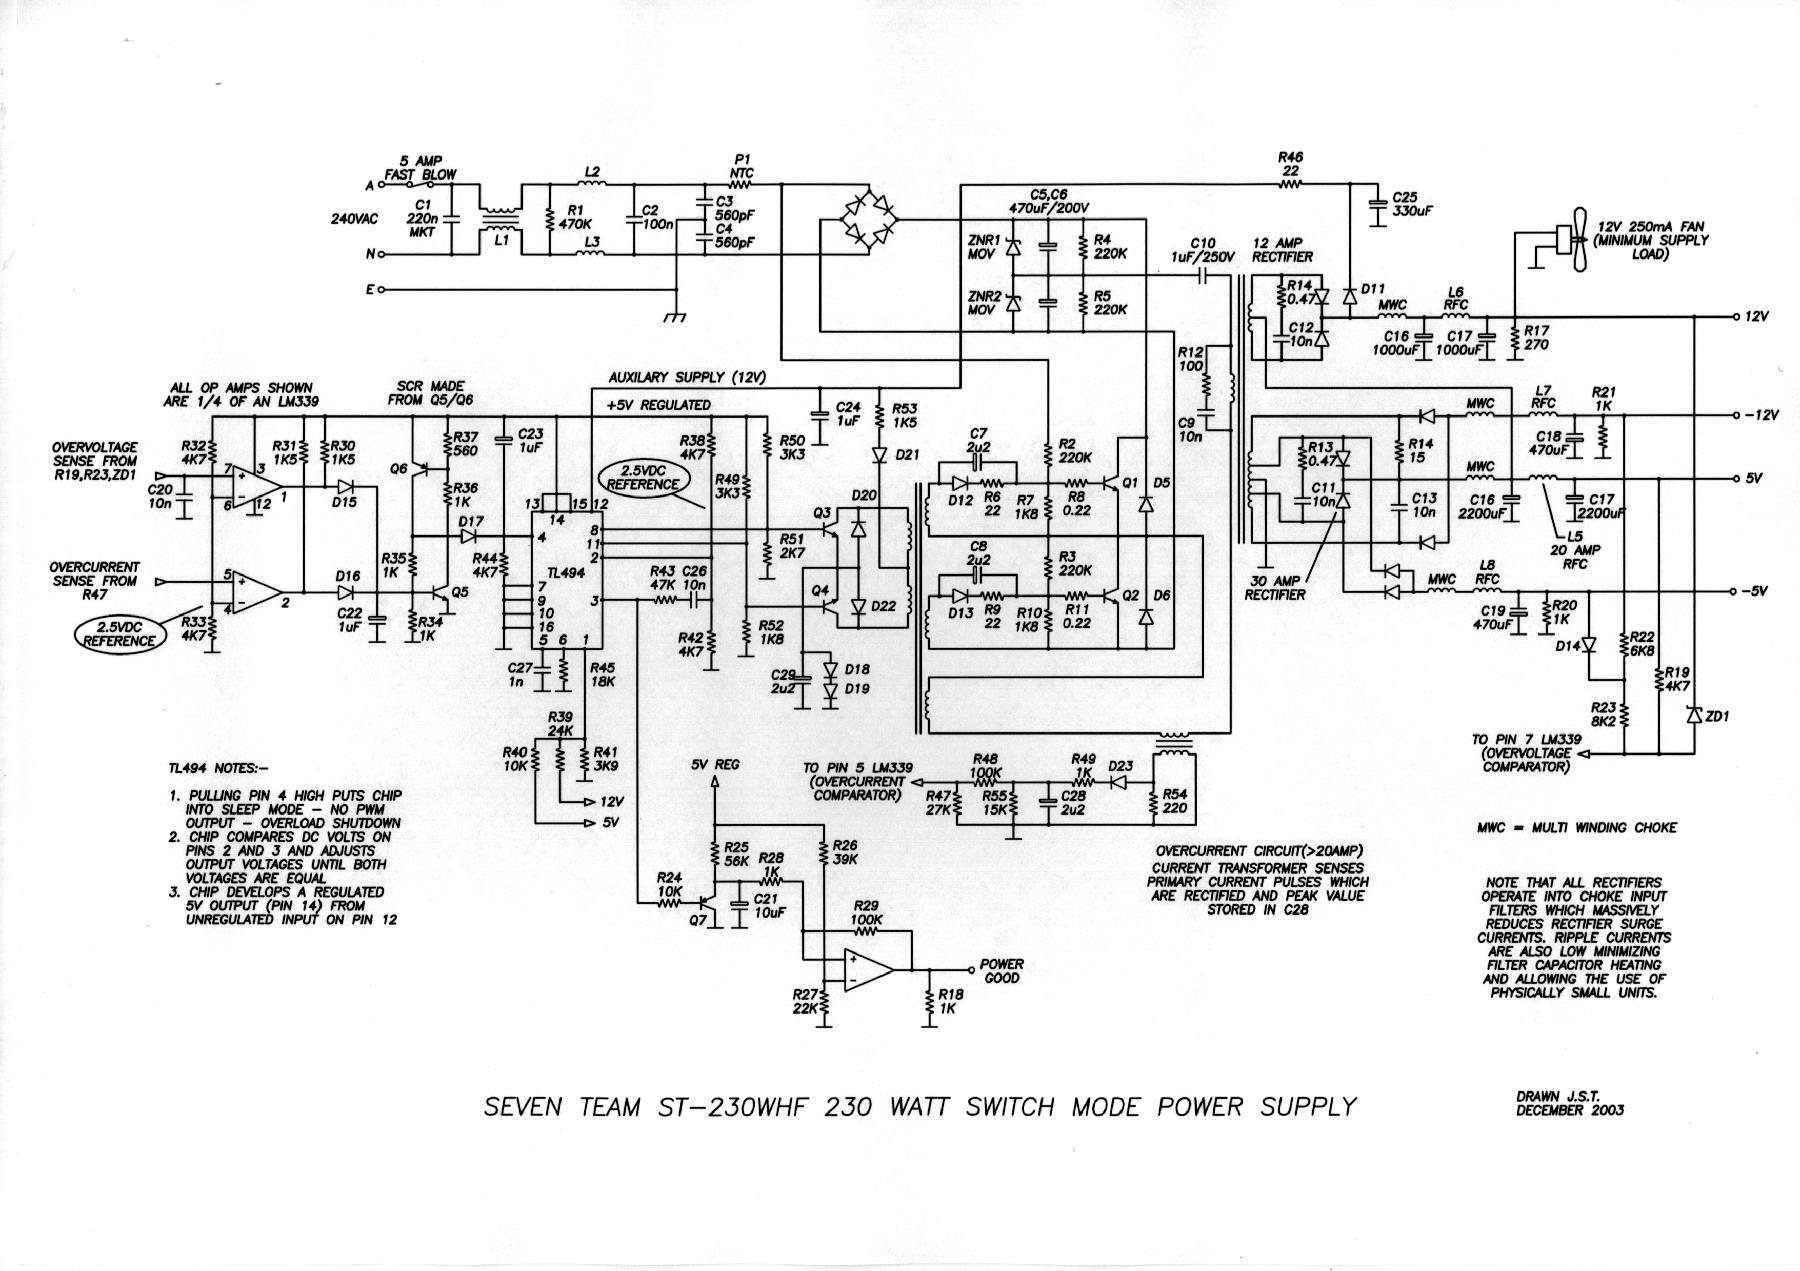 230W switch mode power supply